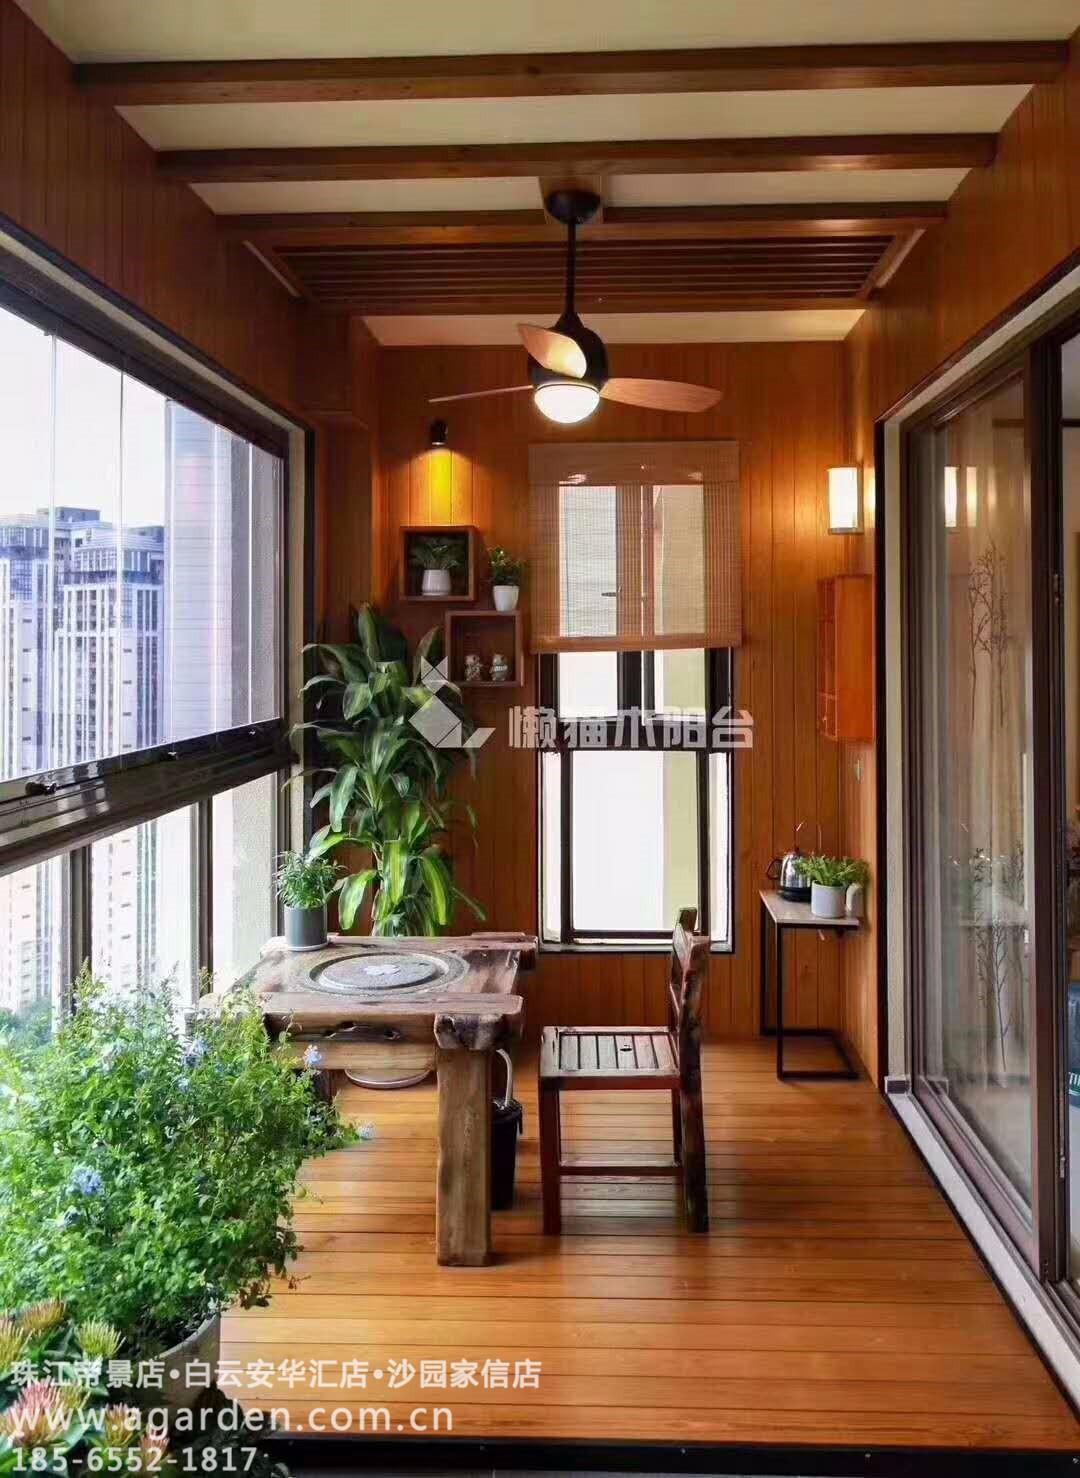 娱乐资讯_广州番禺区万科欧泊-阳台改茶室 - 懒猫木阳台案例